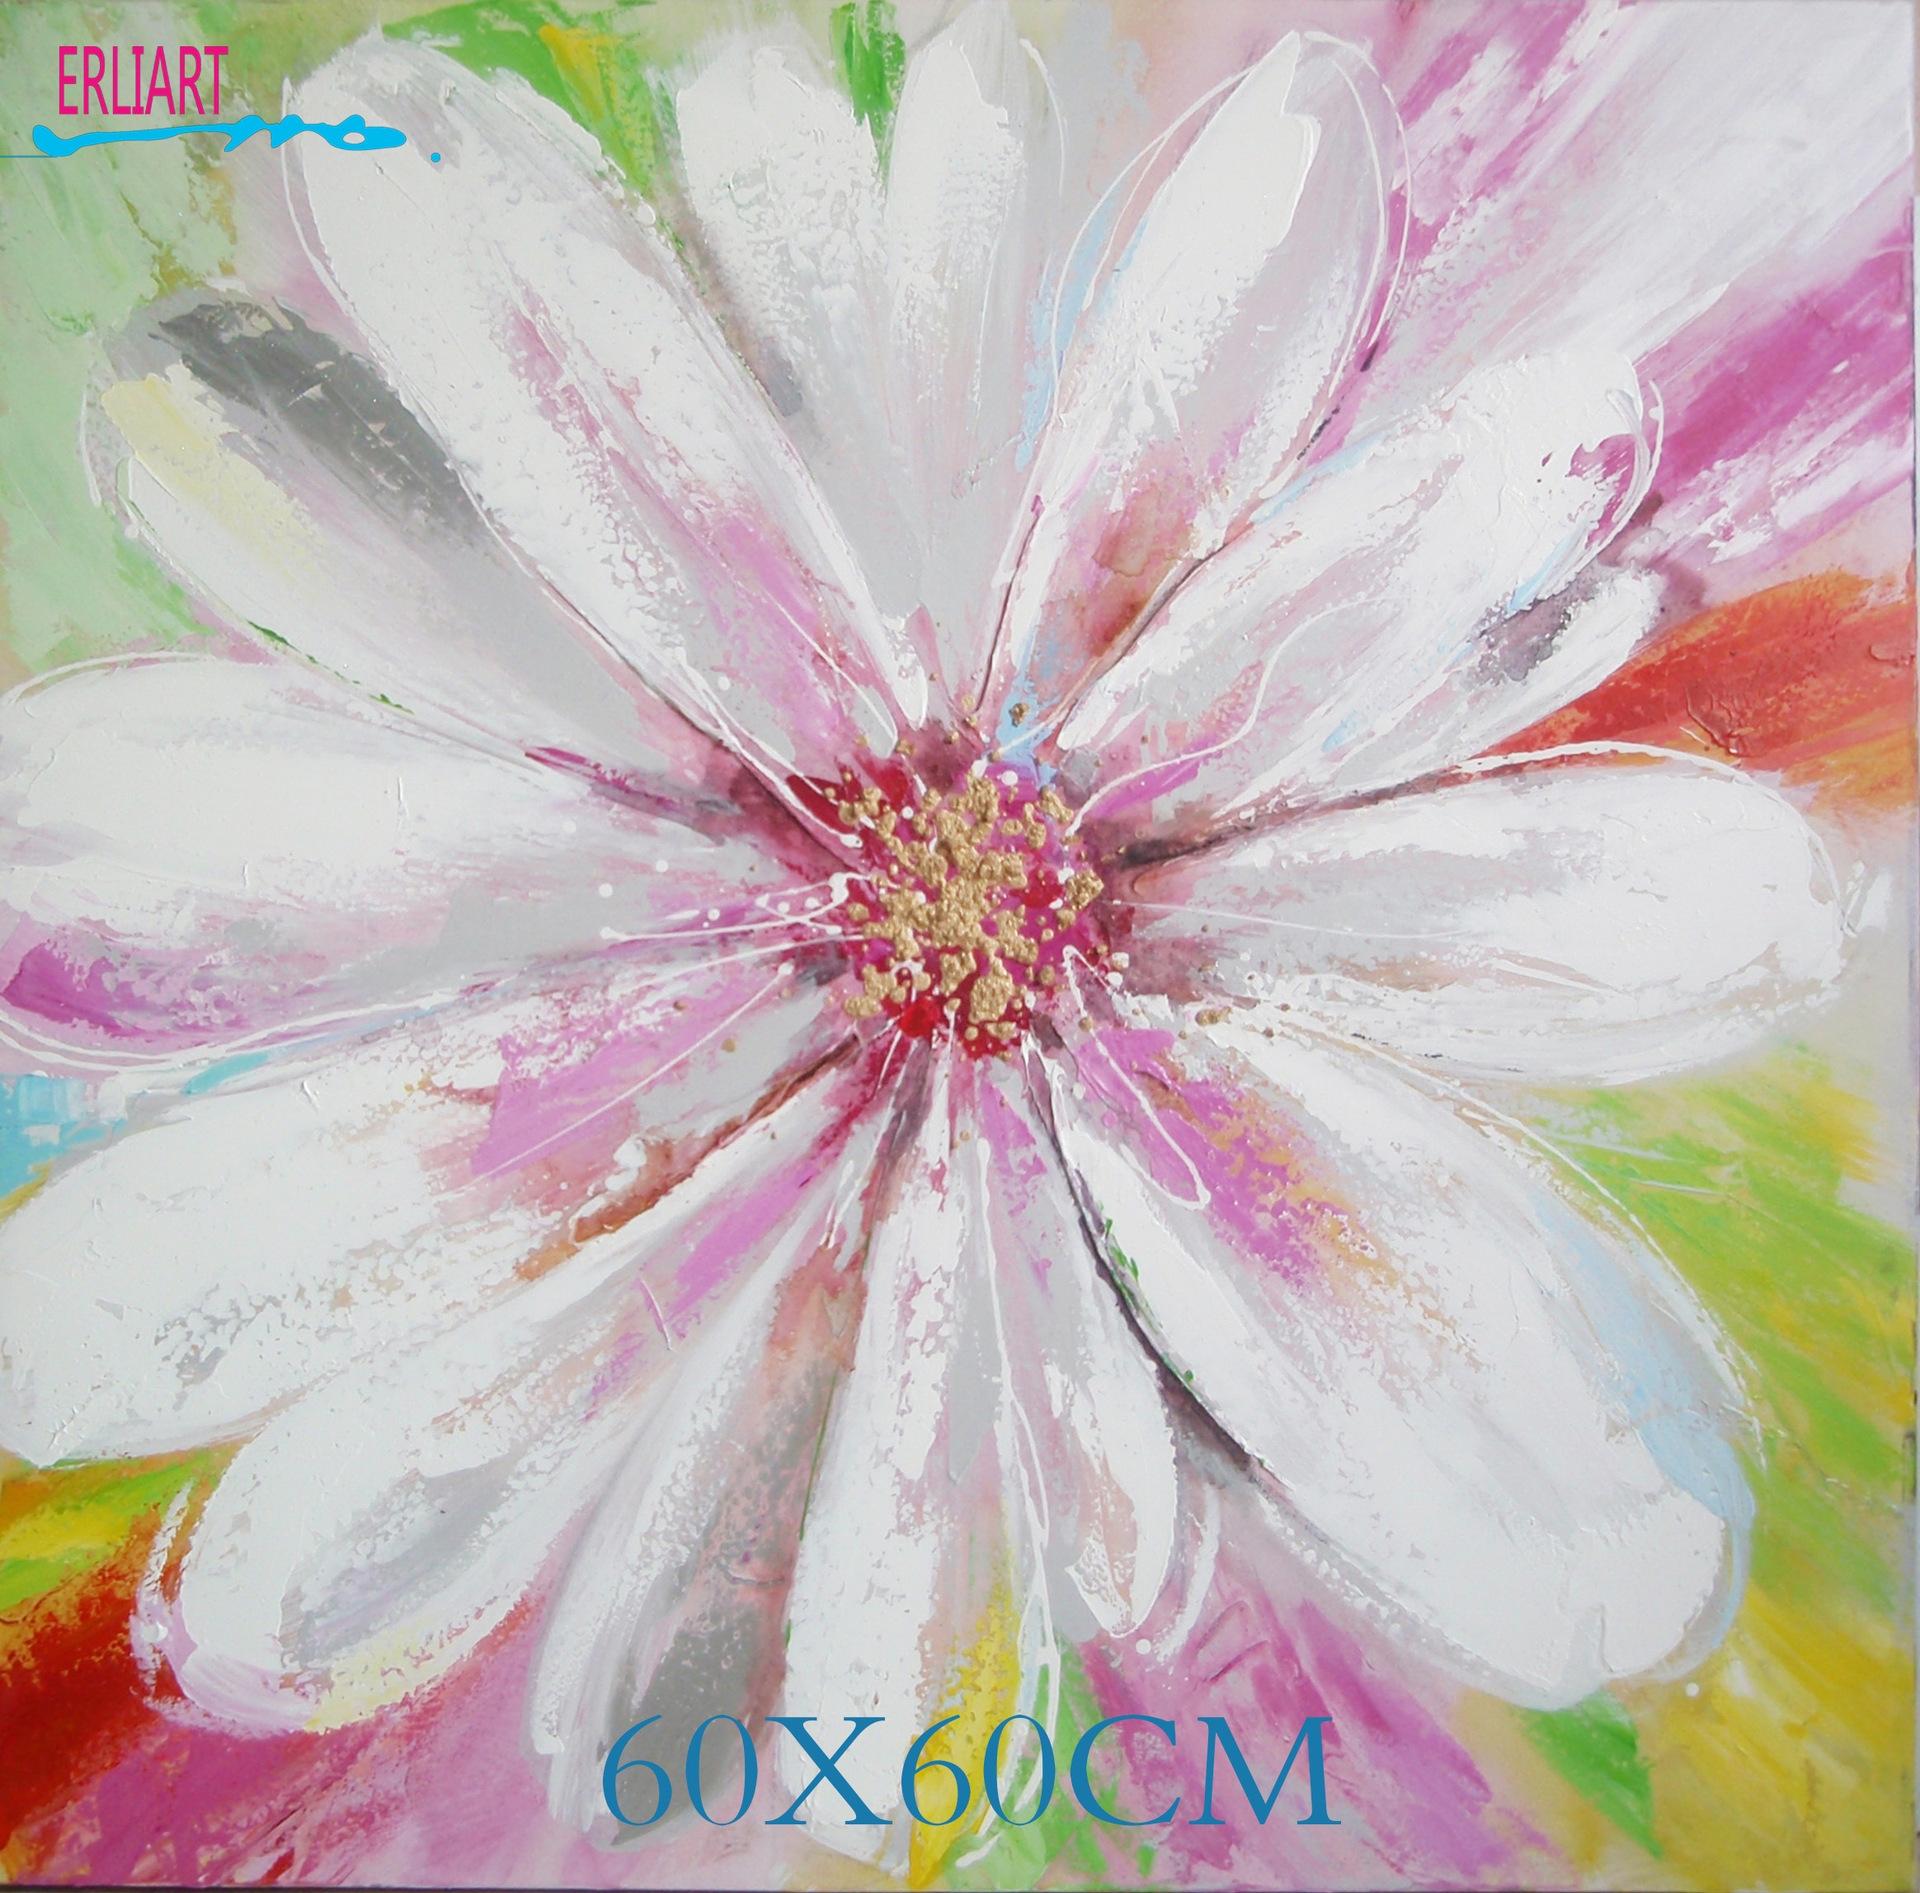 否 是否进口:否 纯手绘油画说明: 纯手绘是由专业的画师在杉木帆布上